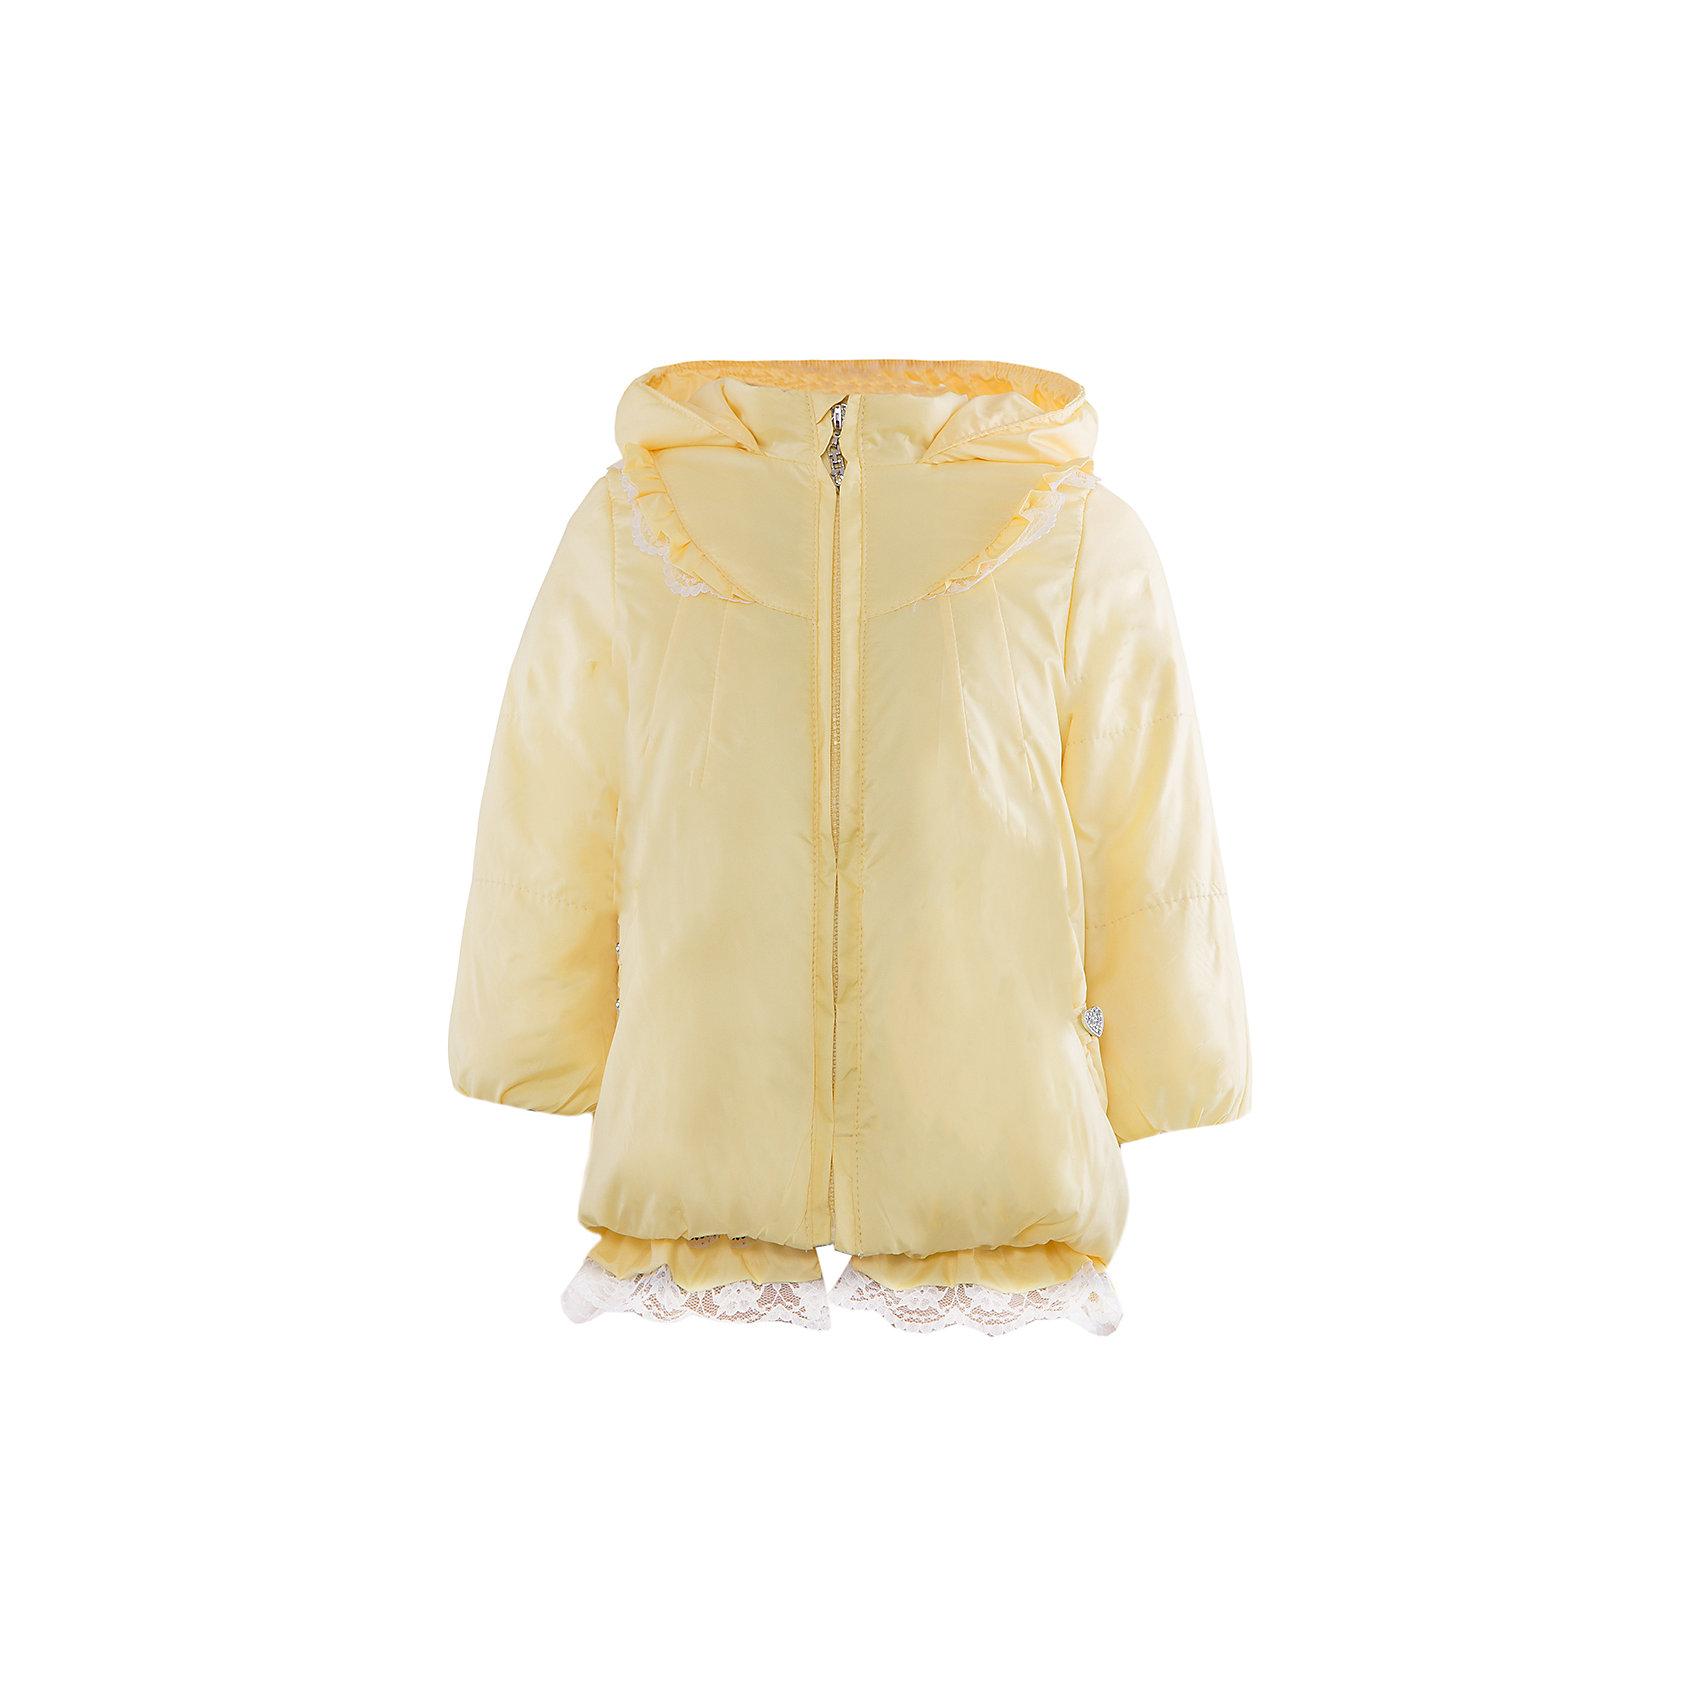 Куртка для девочки АртельВерхняя одежда<br>Куртка для девочки от торговой марки Артель &#13;<br>&#13;<br>Модная куртка с утеплителем не только греет, она модно смотрится и отлично сидит. Изделие выполнено из качественных материалов, имеет удобные карманы и капюшон. Отличный вариант для переменной погоды межсезонья!&#13;<br>Одежда от бренда Артель – это высокое качество по приемлемой цене и всегда продуманный дизайн. &#13;<br>&#13;<br>Особенности модели: &#13;<br>- цвет - лимонный;&#13;<br>- наличие карманов;&#13;<br>- наличие капюшона;&#13;<br>- утеплитель;&#13;<br>- отделка рюшами и кружевом;&#13;<br>- застежка-молния.&#13;<br>&#13;<br>Дополнительная информация:&#13;<br>&#13;<br>Состав: &#13;<br>- верх: YSD;&#13;<br>- подкладка: хлопок интерлок;&#13;<br>- утеплитель: термофайбер 100 г.&#13;<br>&#13;<br>Температурный режим: &#13;<br>от - 10 °C до + 10 °C&#13;<br>&#13;<br>Куртку для девочки Артель (Artel) можно купить в нашем магазине.<br><br>Ширина мм: 356<br>Глубина мм: 10<br>Высота мм: 245<br>Вес г: 519<br>Цвет: желтый<br>Возраст от месяцев: 12<br>Возраст до месяцев: 18<br>Пол: Женский<br>Возраст: Детский<br>Размер: 86,98,80,92<br>SKU: 4496031